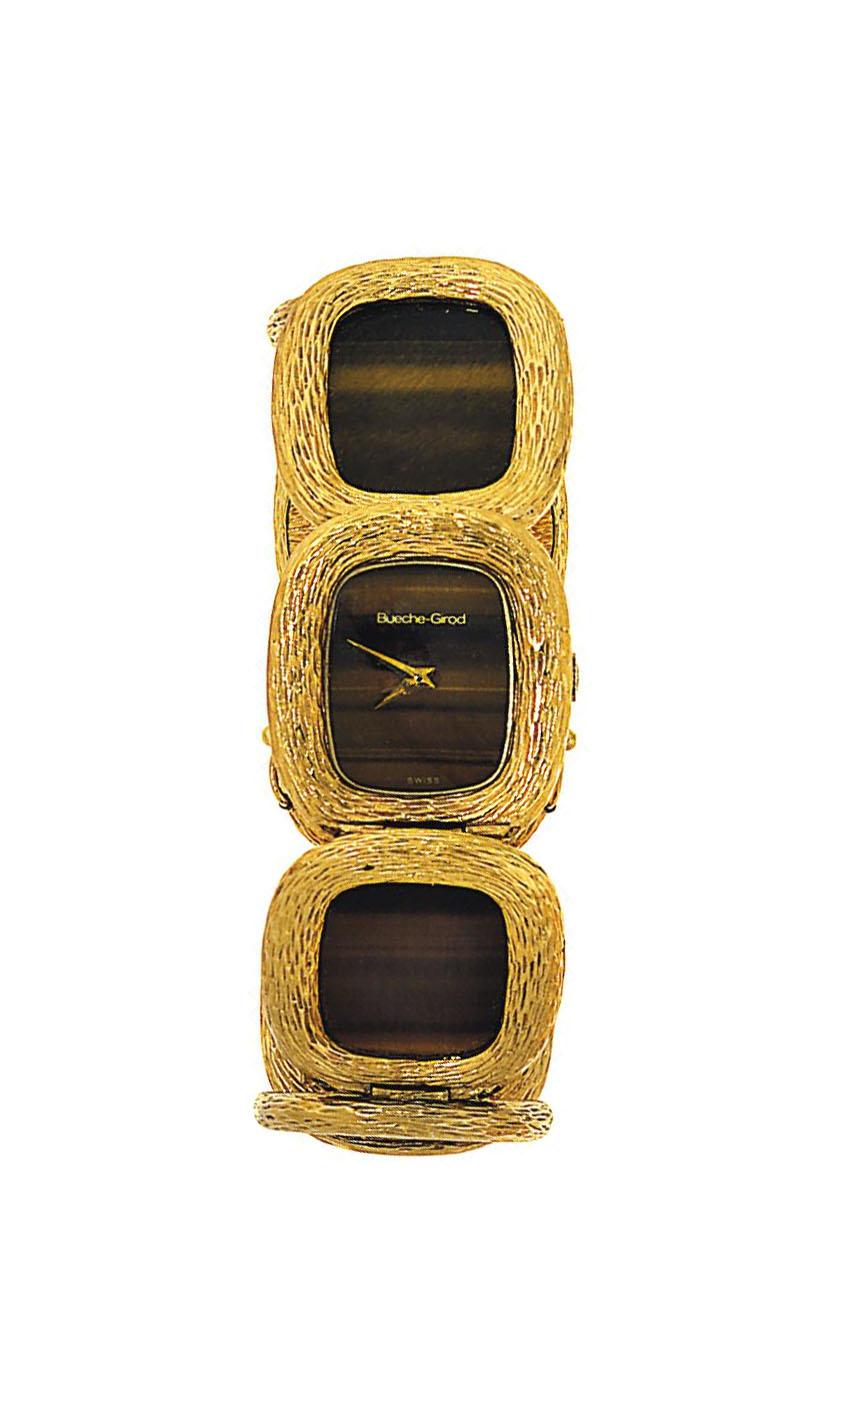 A tiger's eye quartz wristwatch, by Bueche-Girod